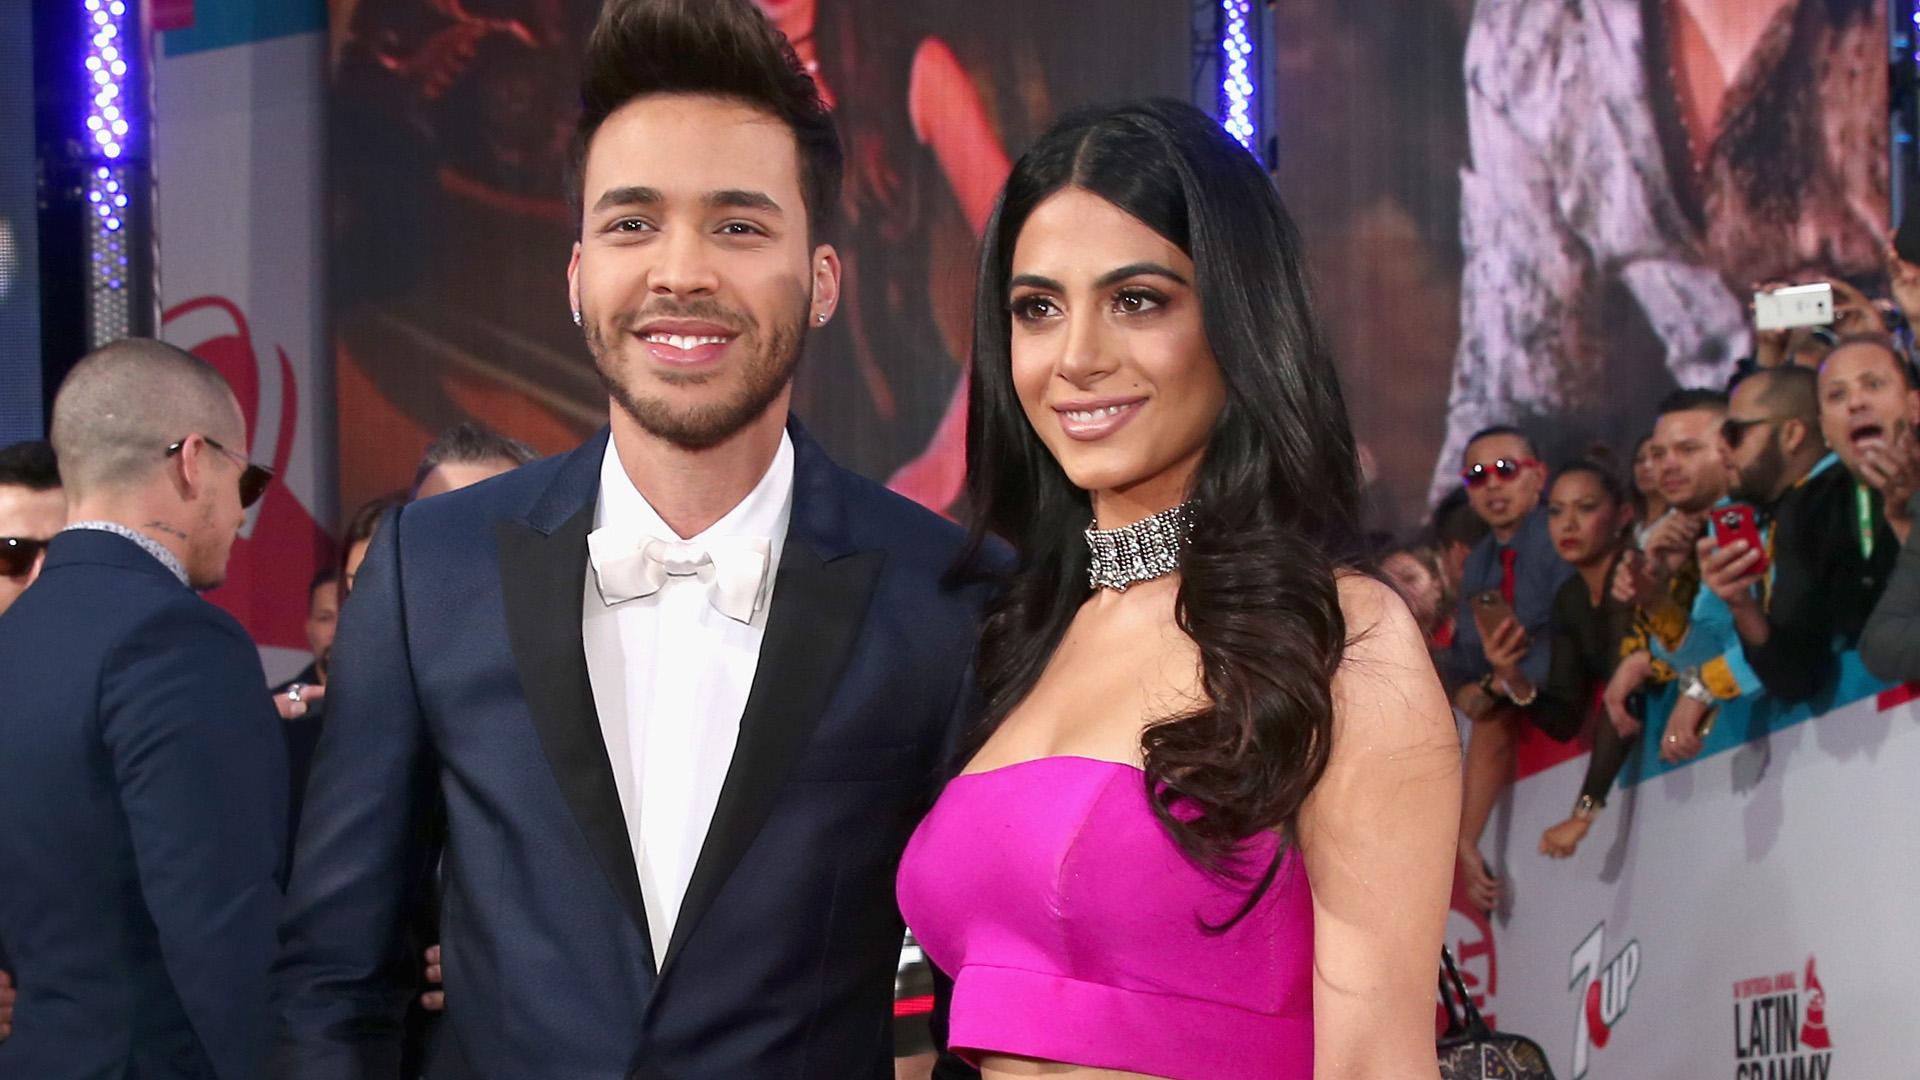 Al fin Prince Royce presentó a su novia Emeraude - Univision